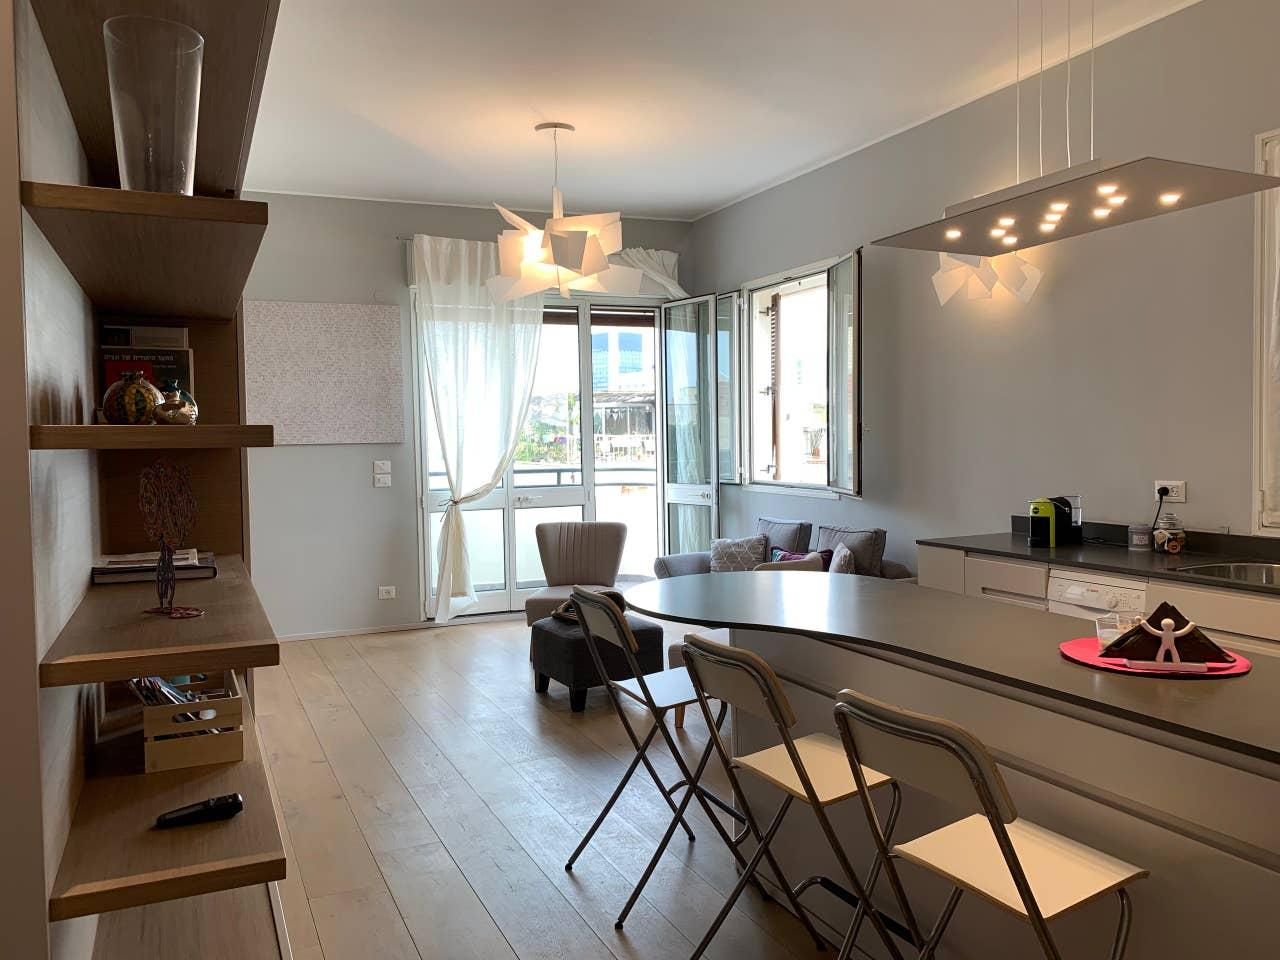 Apartment Italian design apartment in Rotchild  habima photo 18853540